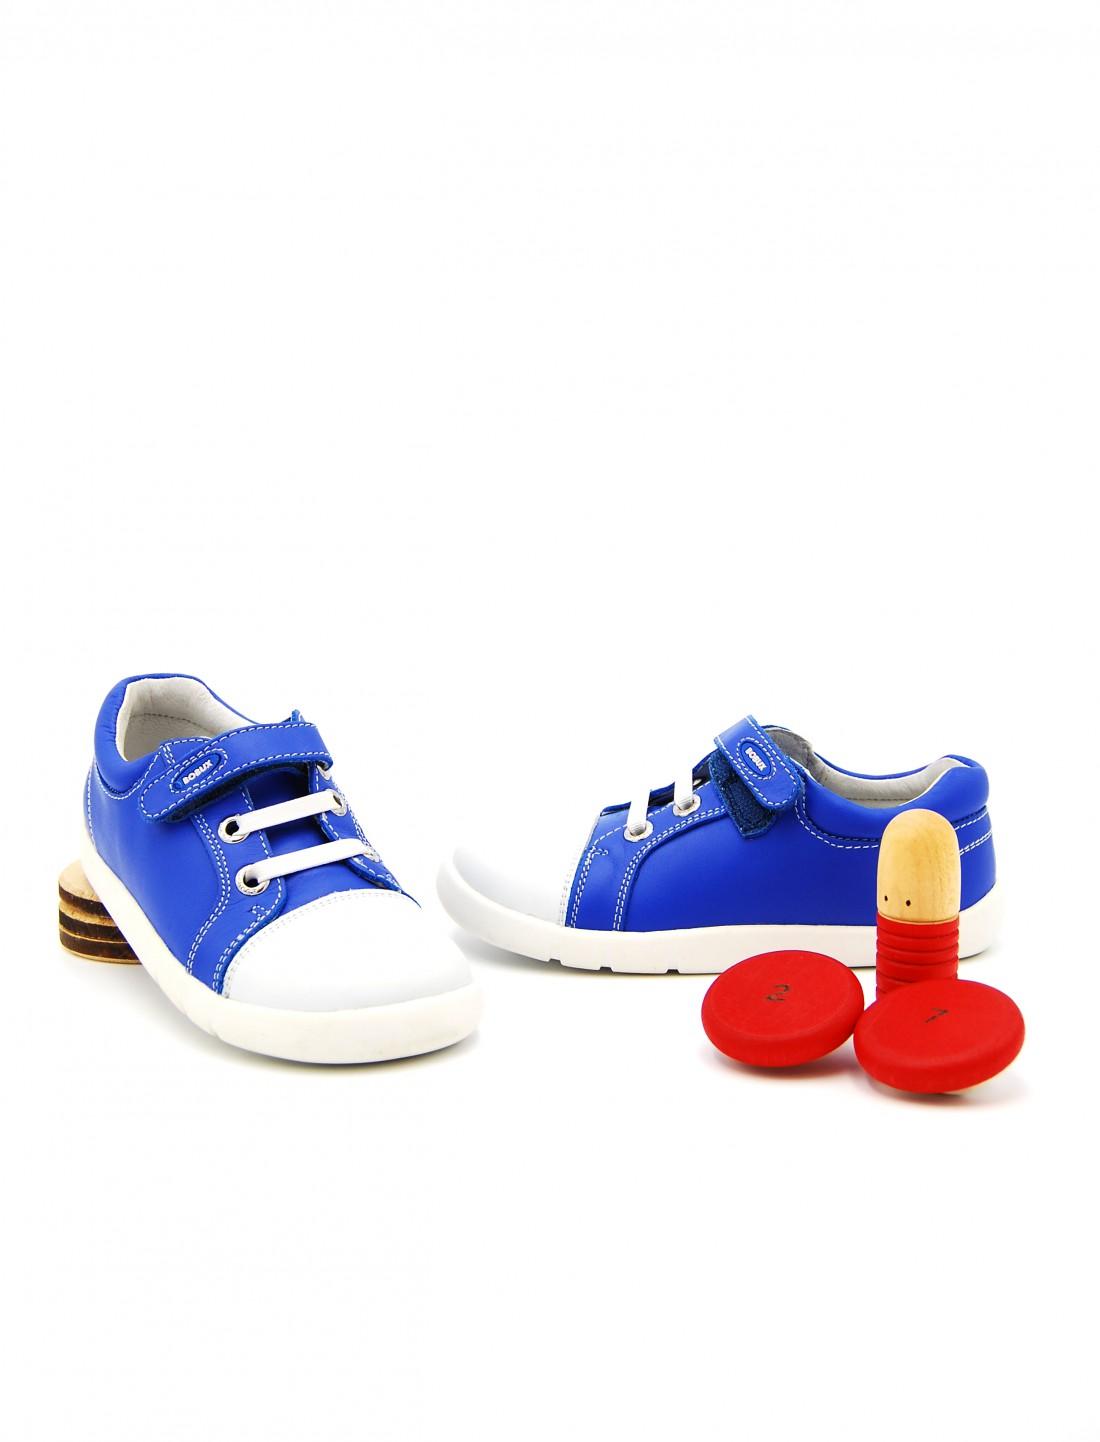 Deportiva Bobux Electric Trouble Shoe